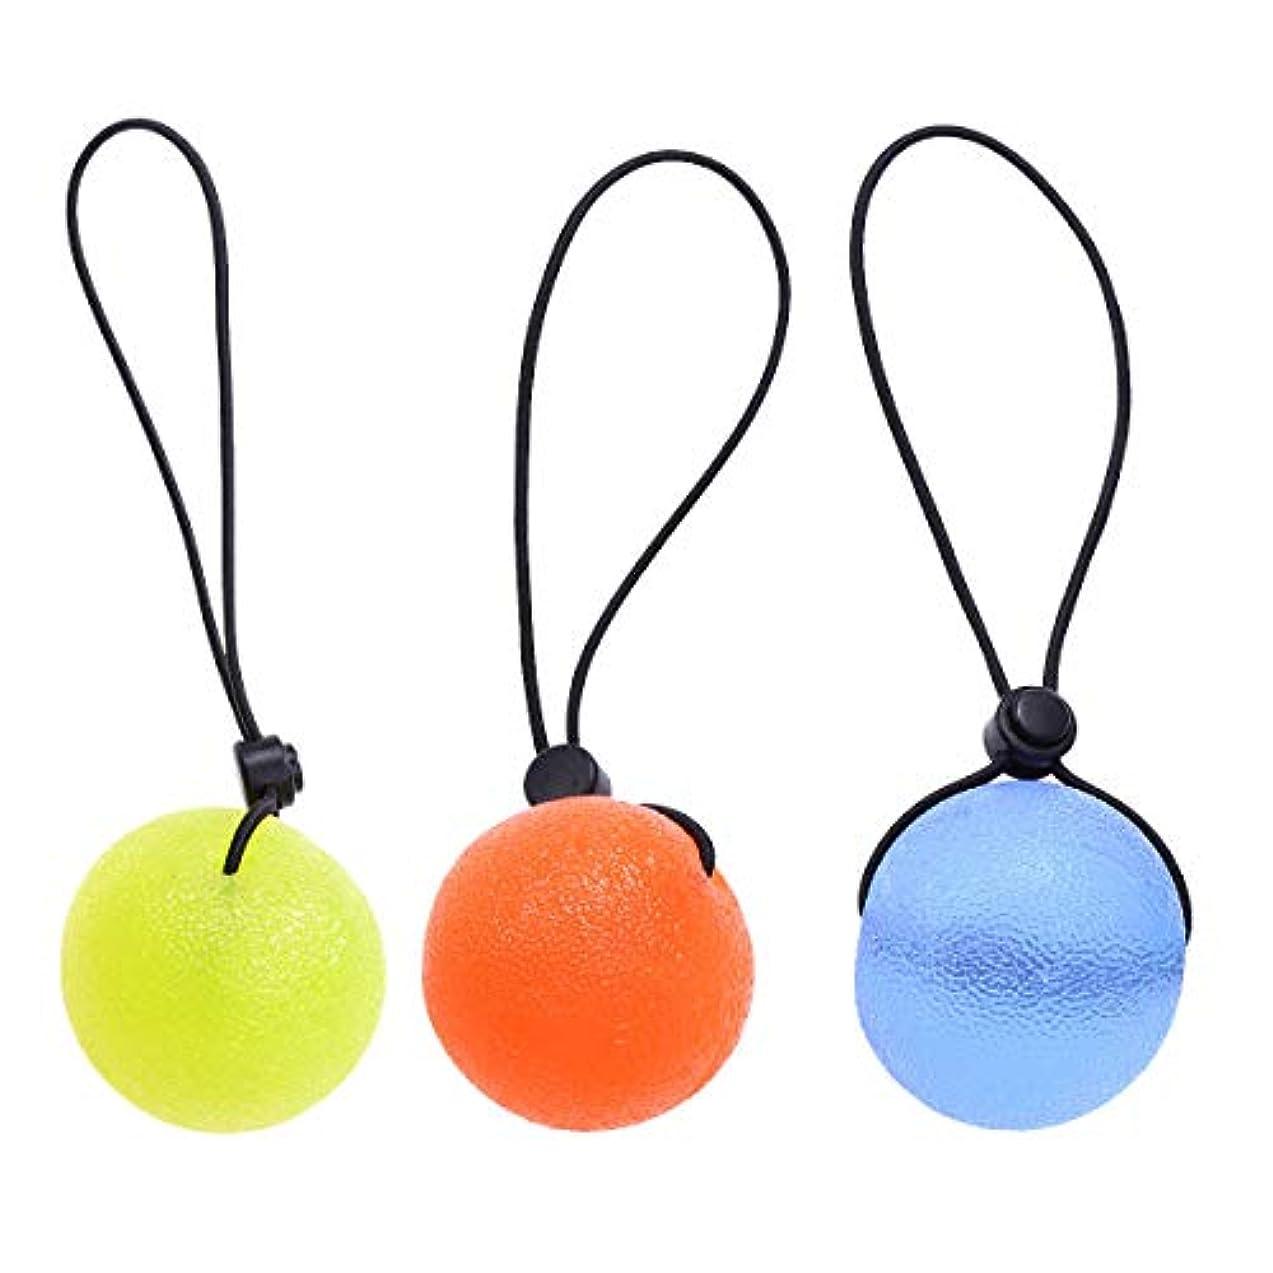 さらに侵入する居住者HEALIFTY ストレスリリーフボール、3本の指グリップボールセラピーエクササイズスクイズ卵ストレスボールストリングフィットネス機器(ランダムカラー)